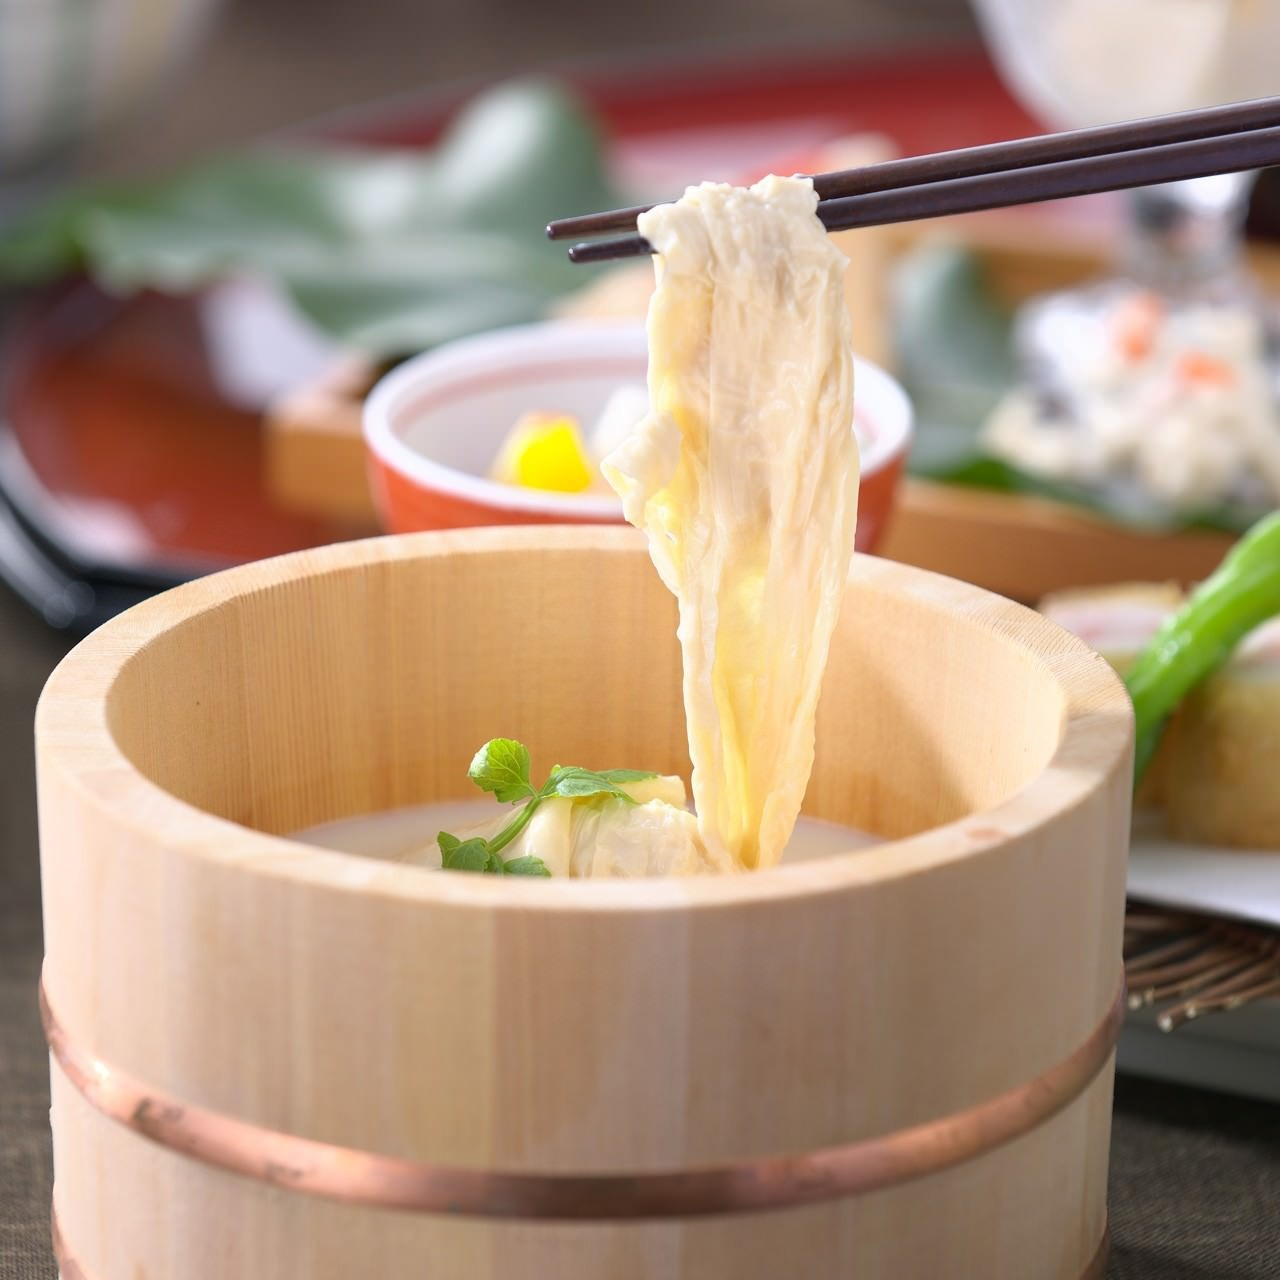 京都で湯葉を食べるならココ!ランチからおすすめのディナーも!